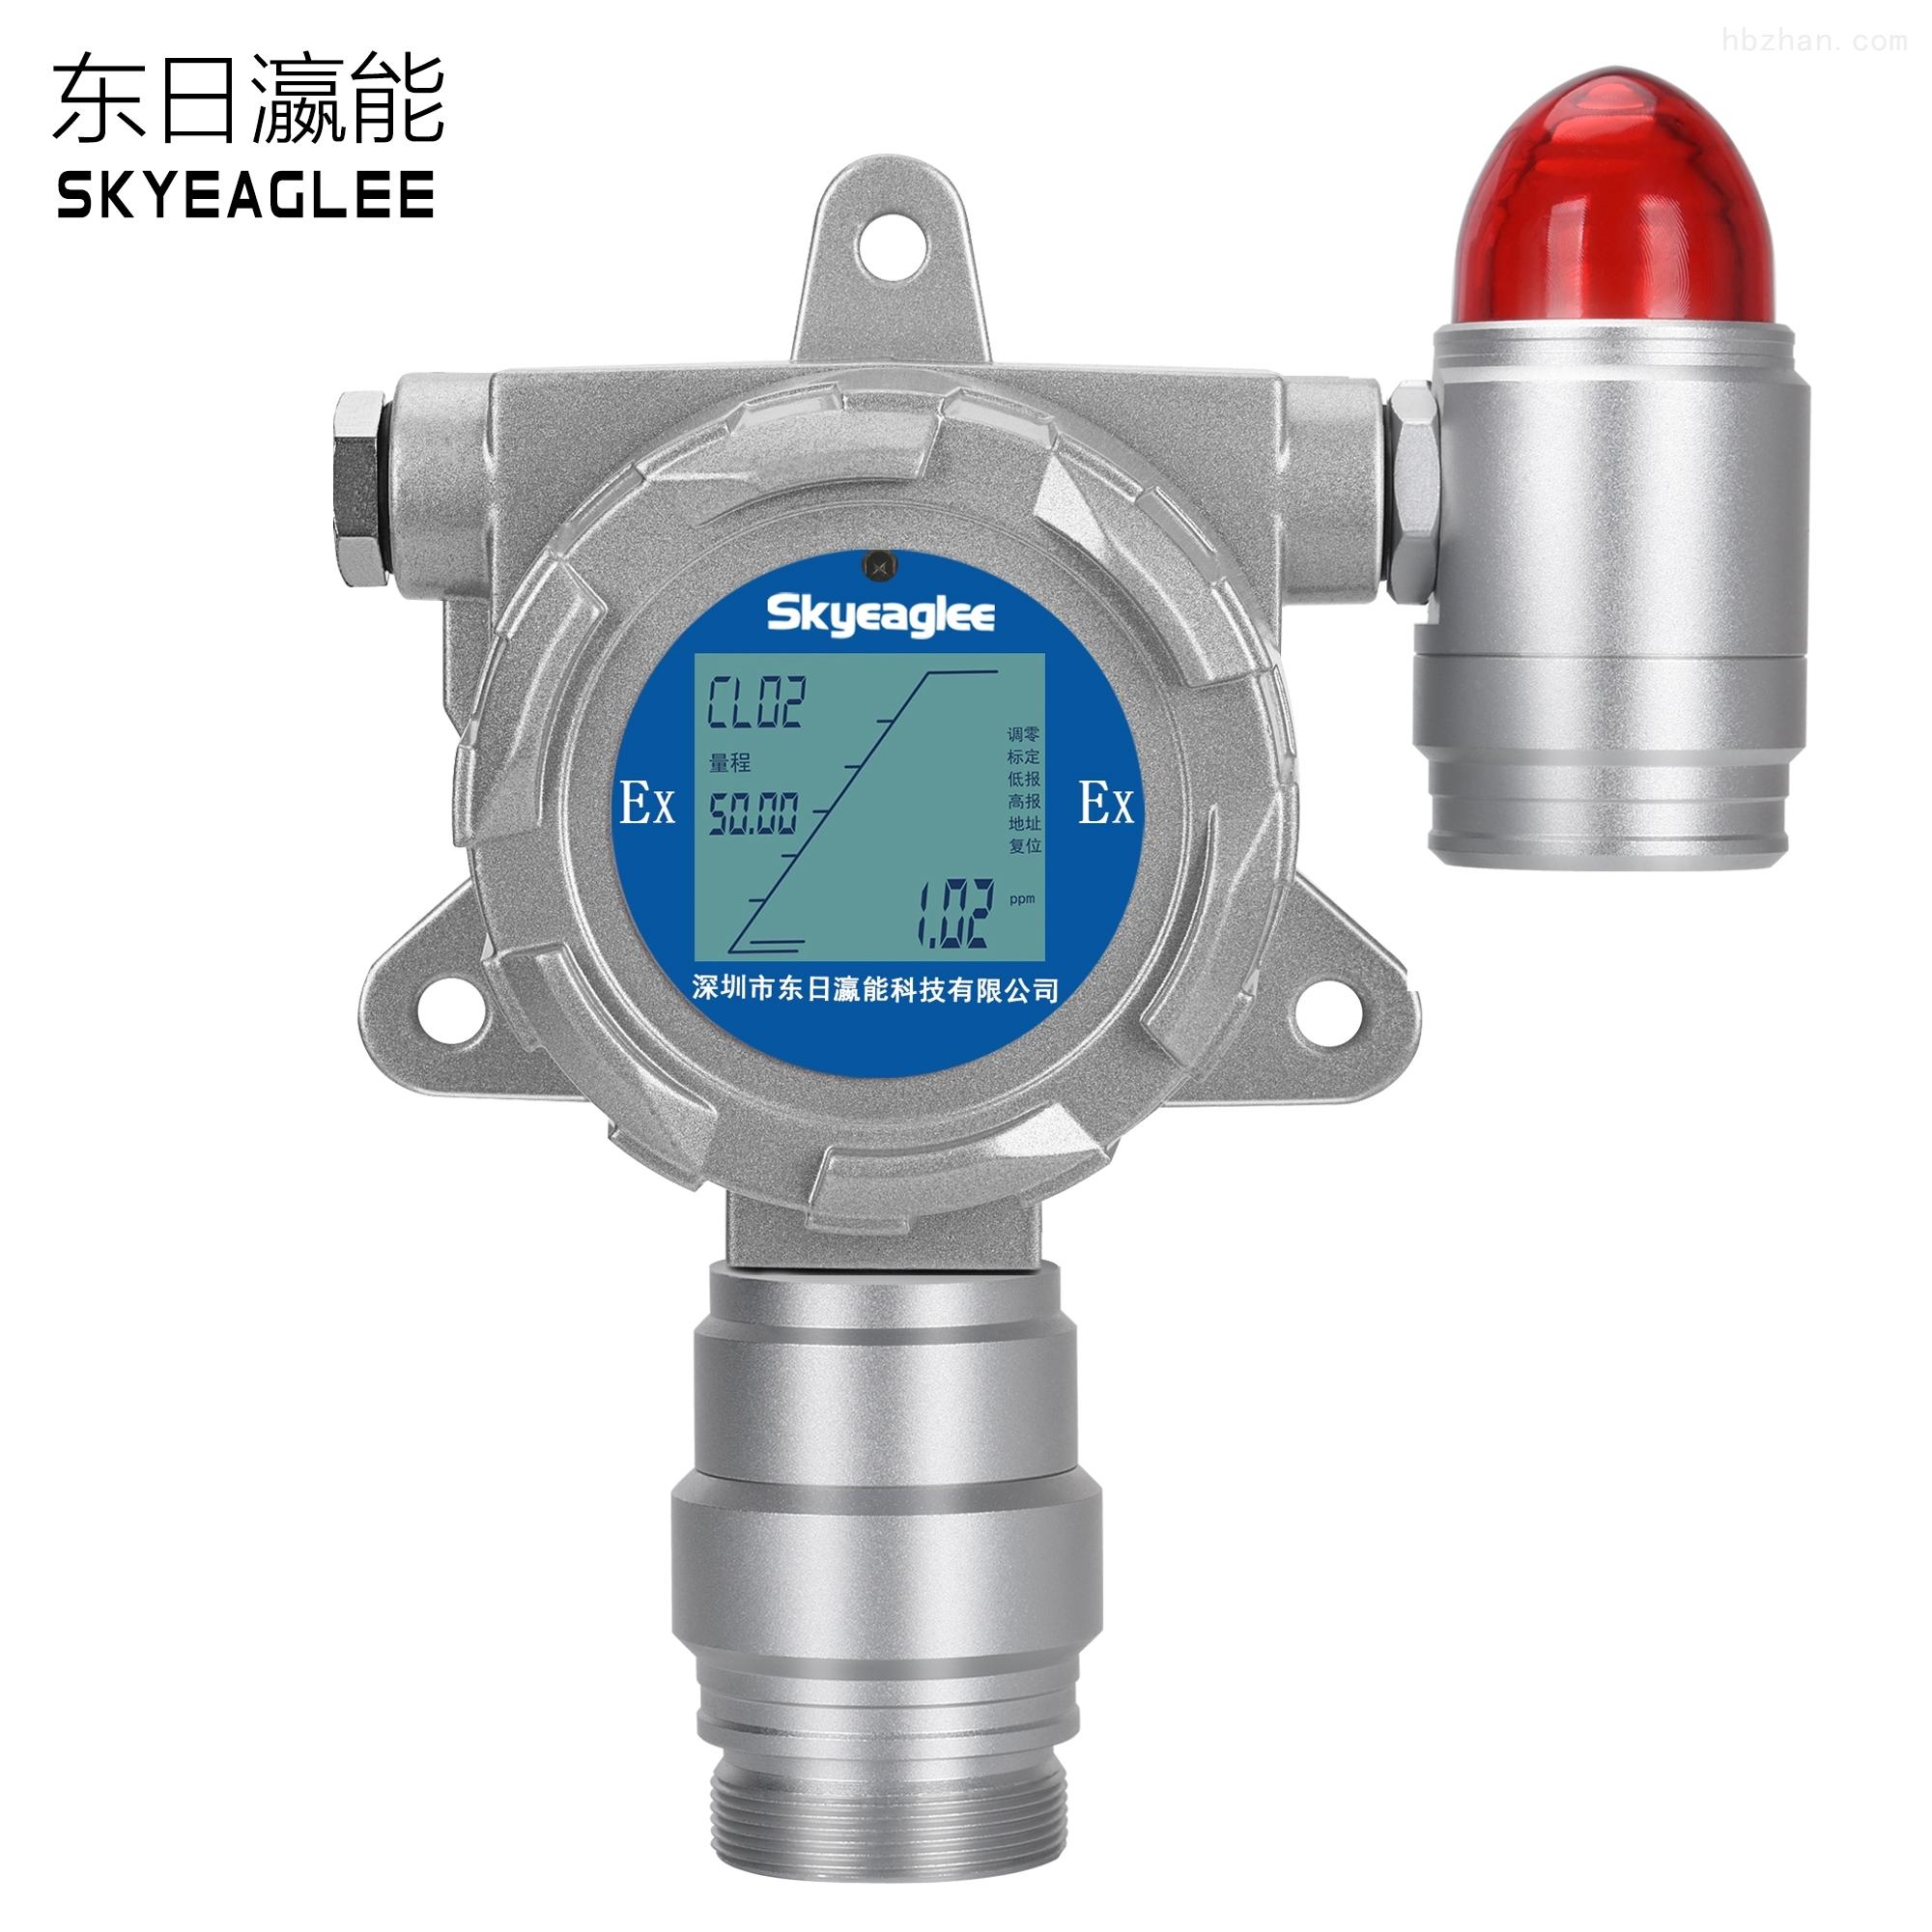 甲醛浓度探测器